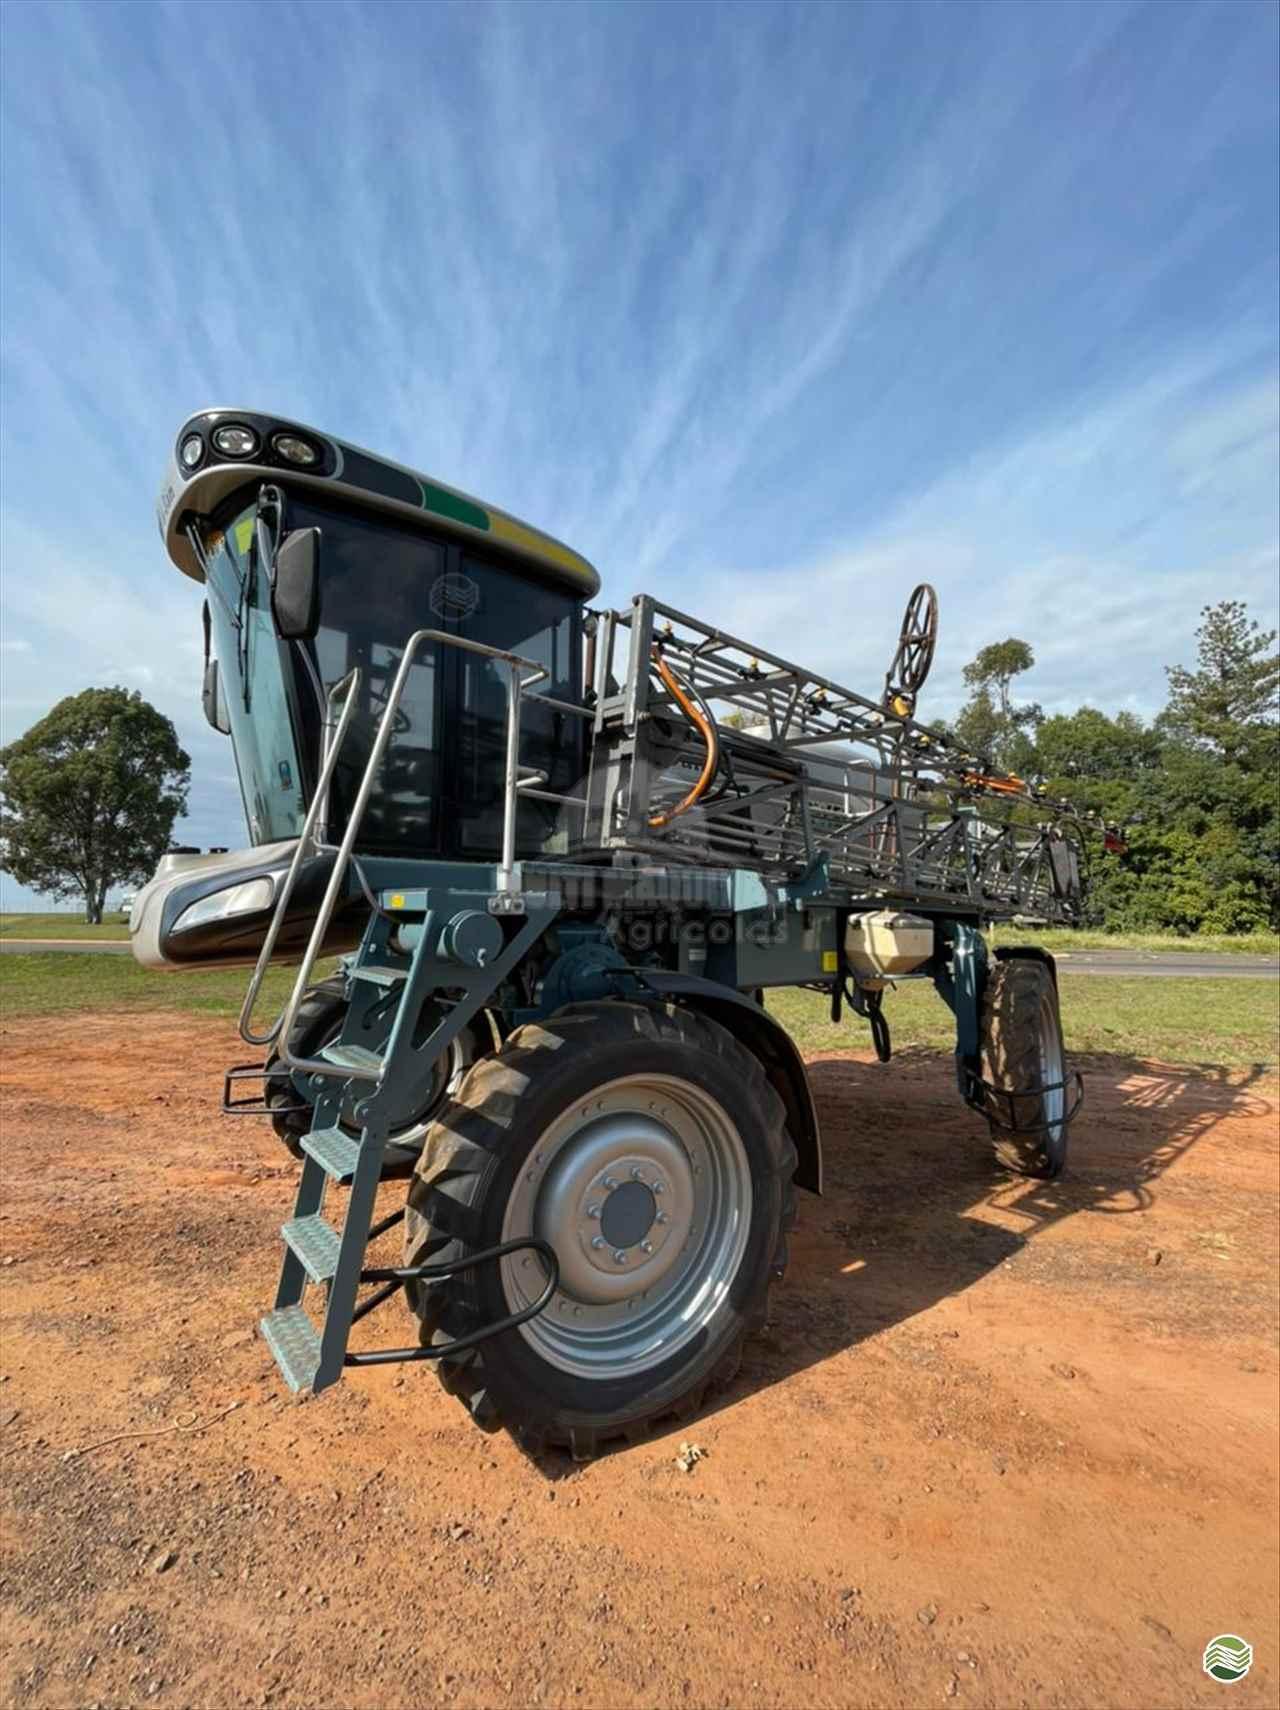 PULVERIZADOR JAN POWER JET 2500 Tração 4x4 Multi Máquinas SANTA BARBARA DO SUL RIO GRANDE DO SUL RS